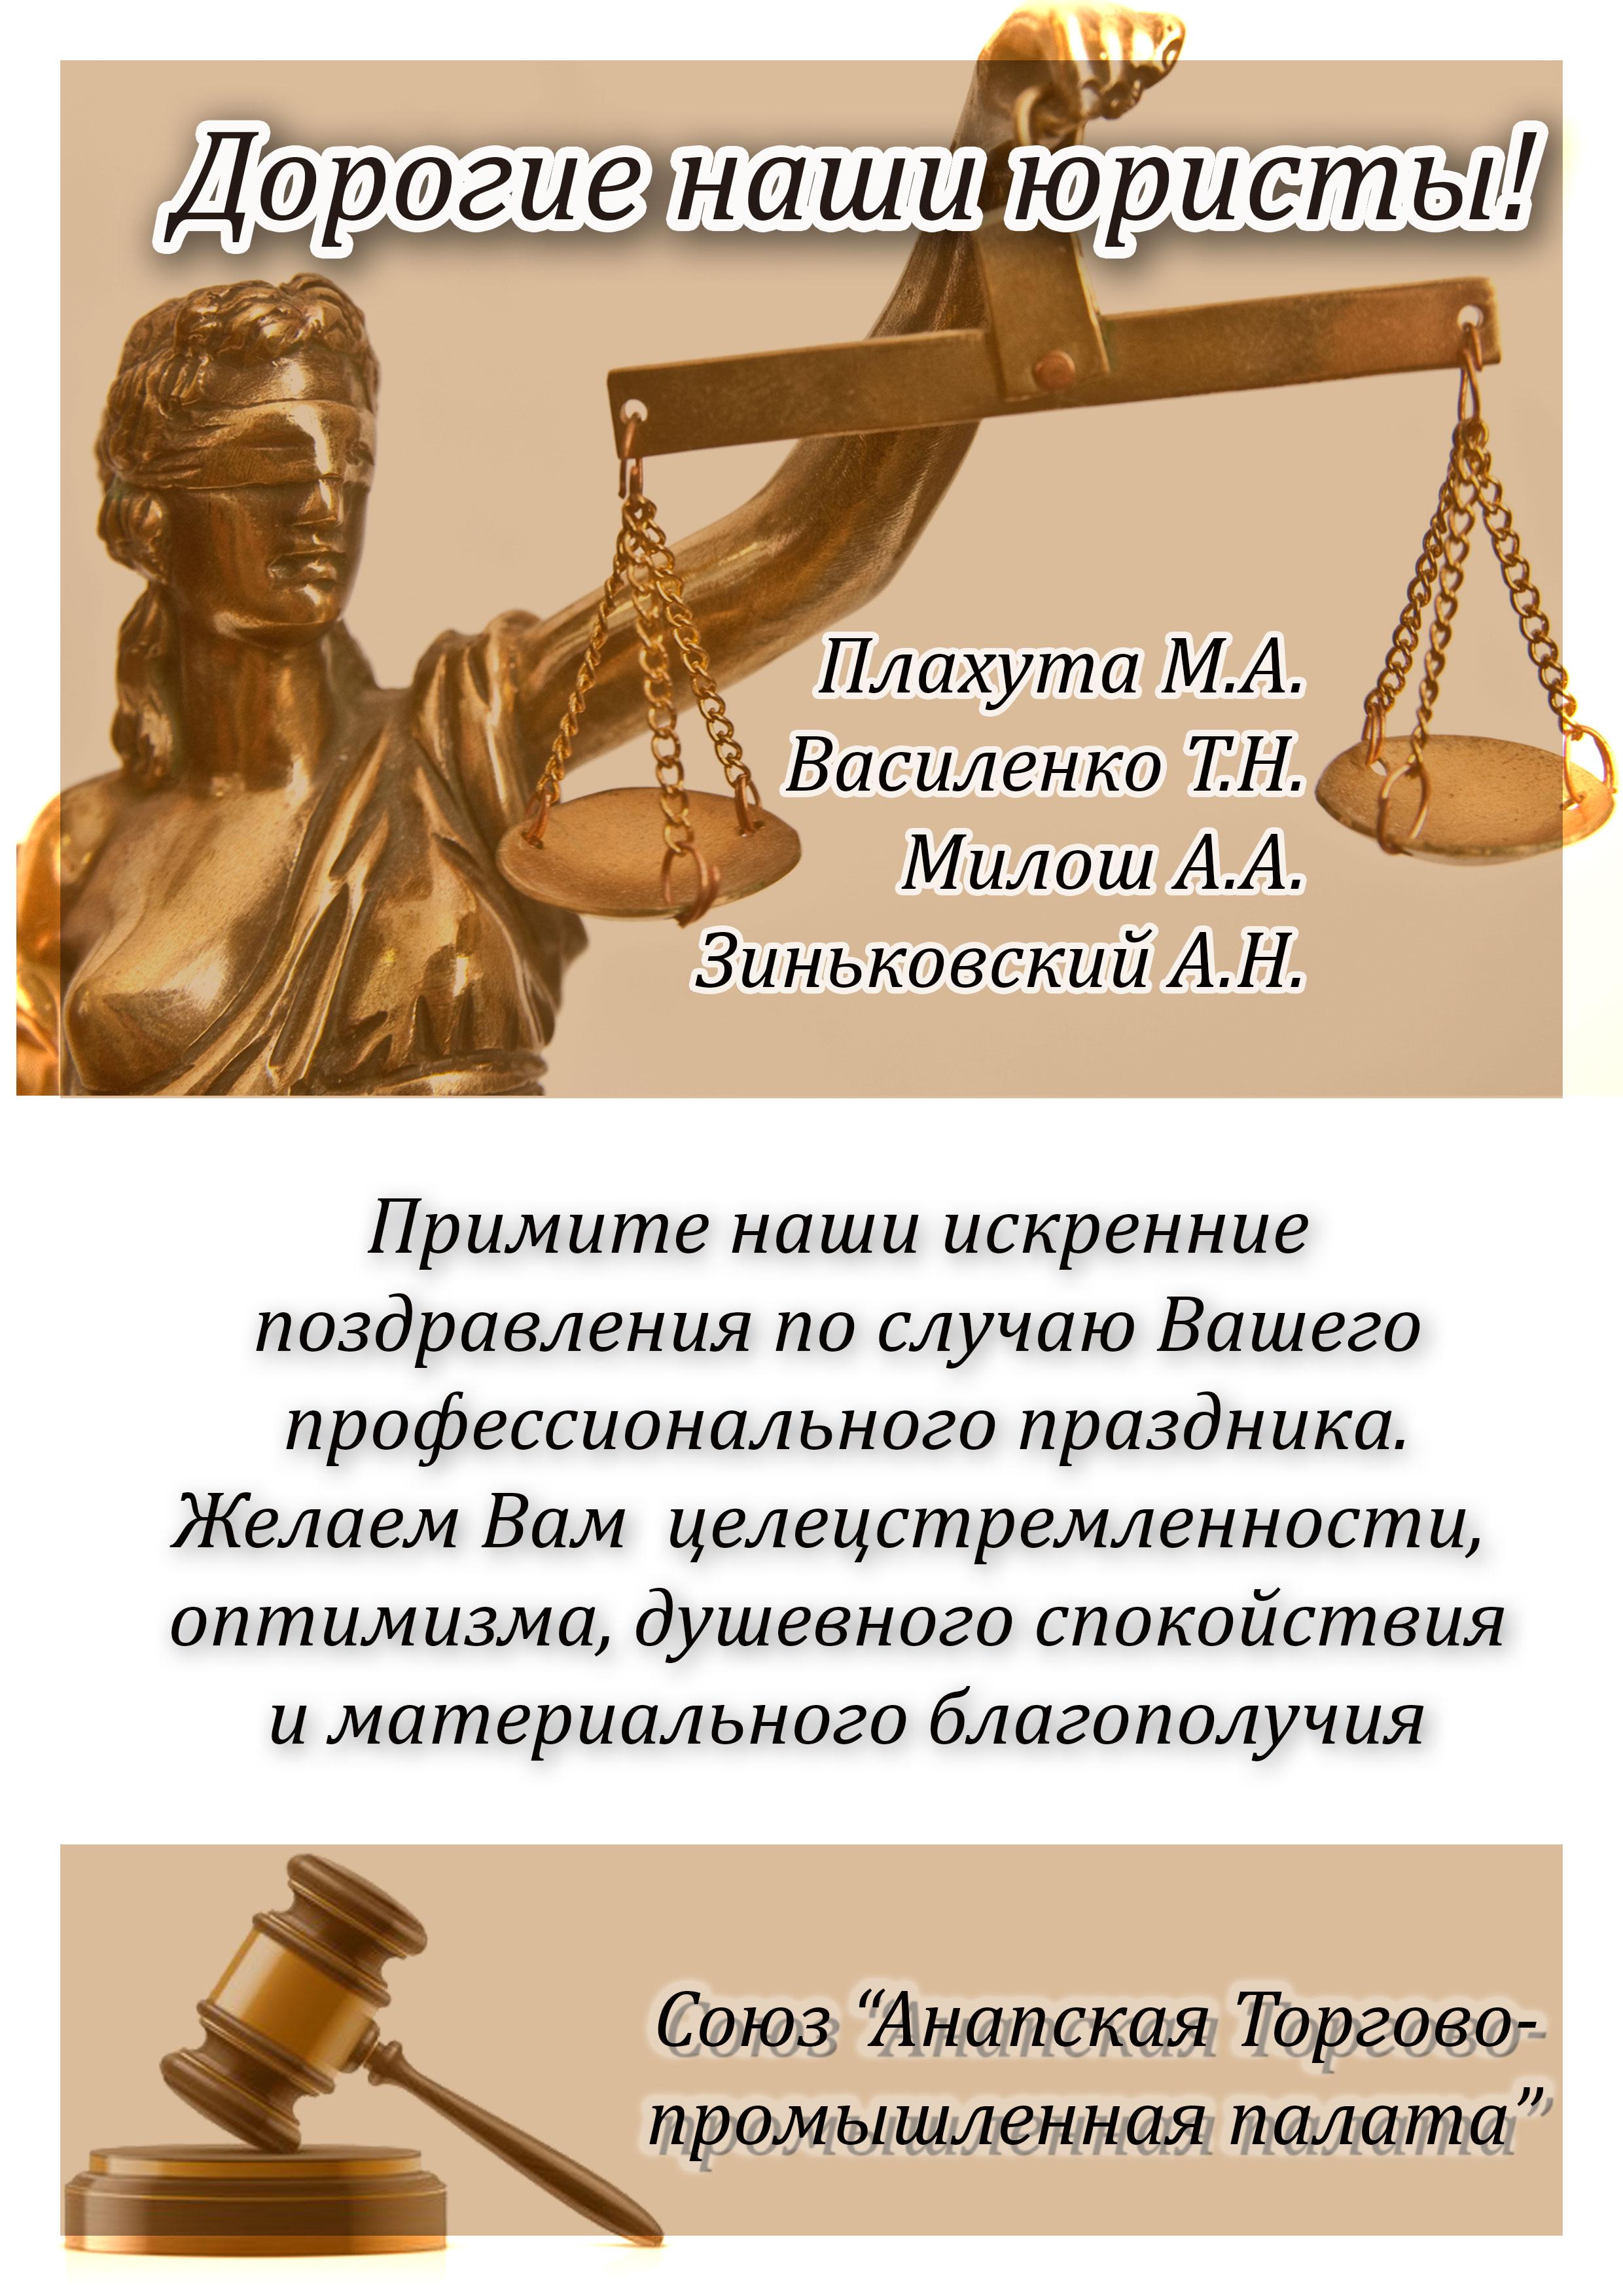 День юриста поздравления